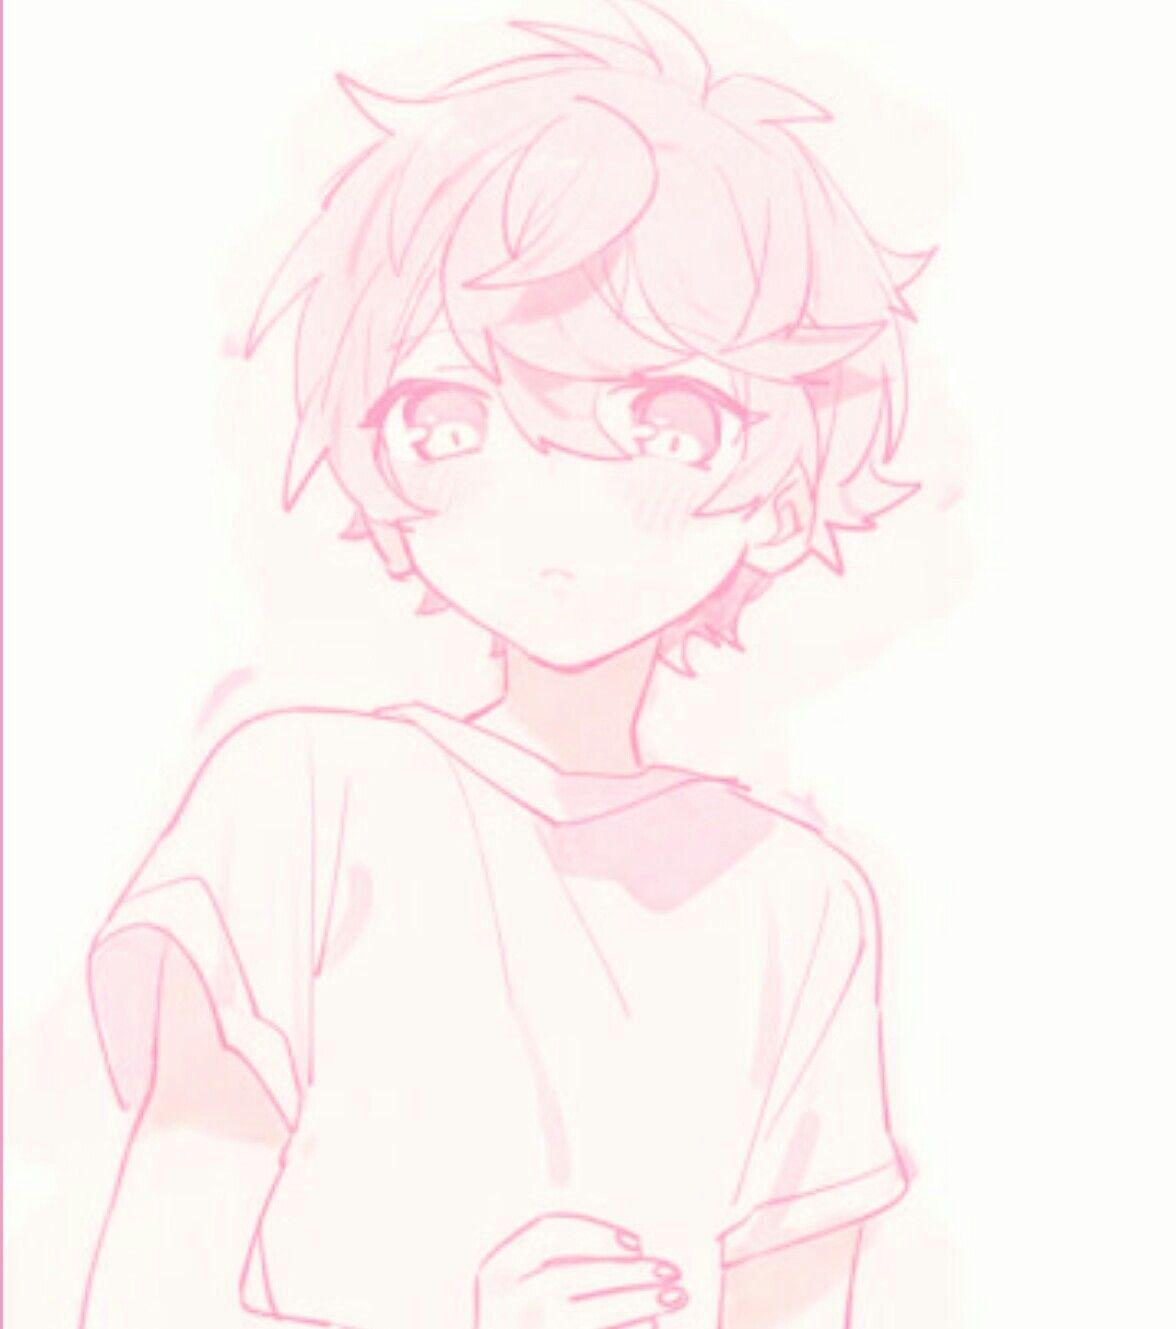 Pink Aesthetic Manga Anime Kawaii In 2020 Aesthetic Anime Kawaii Anime Anime